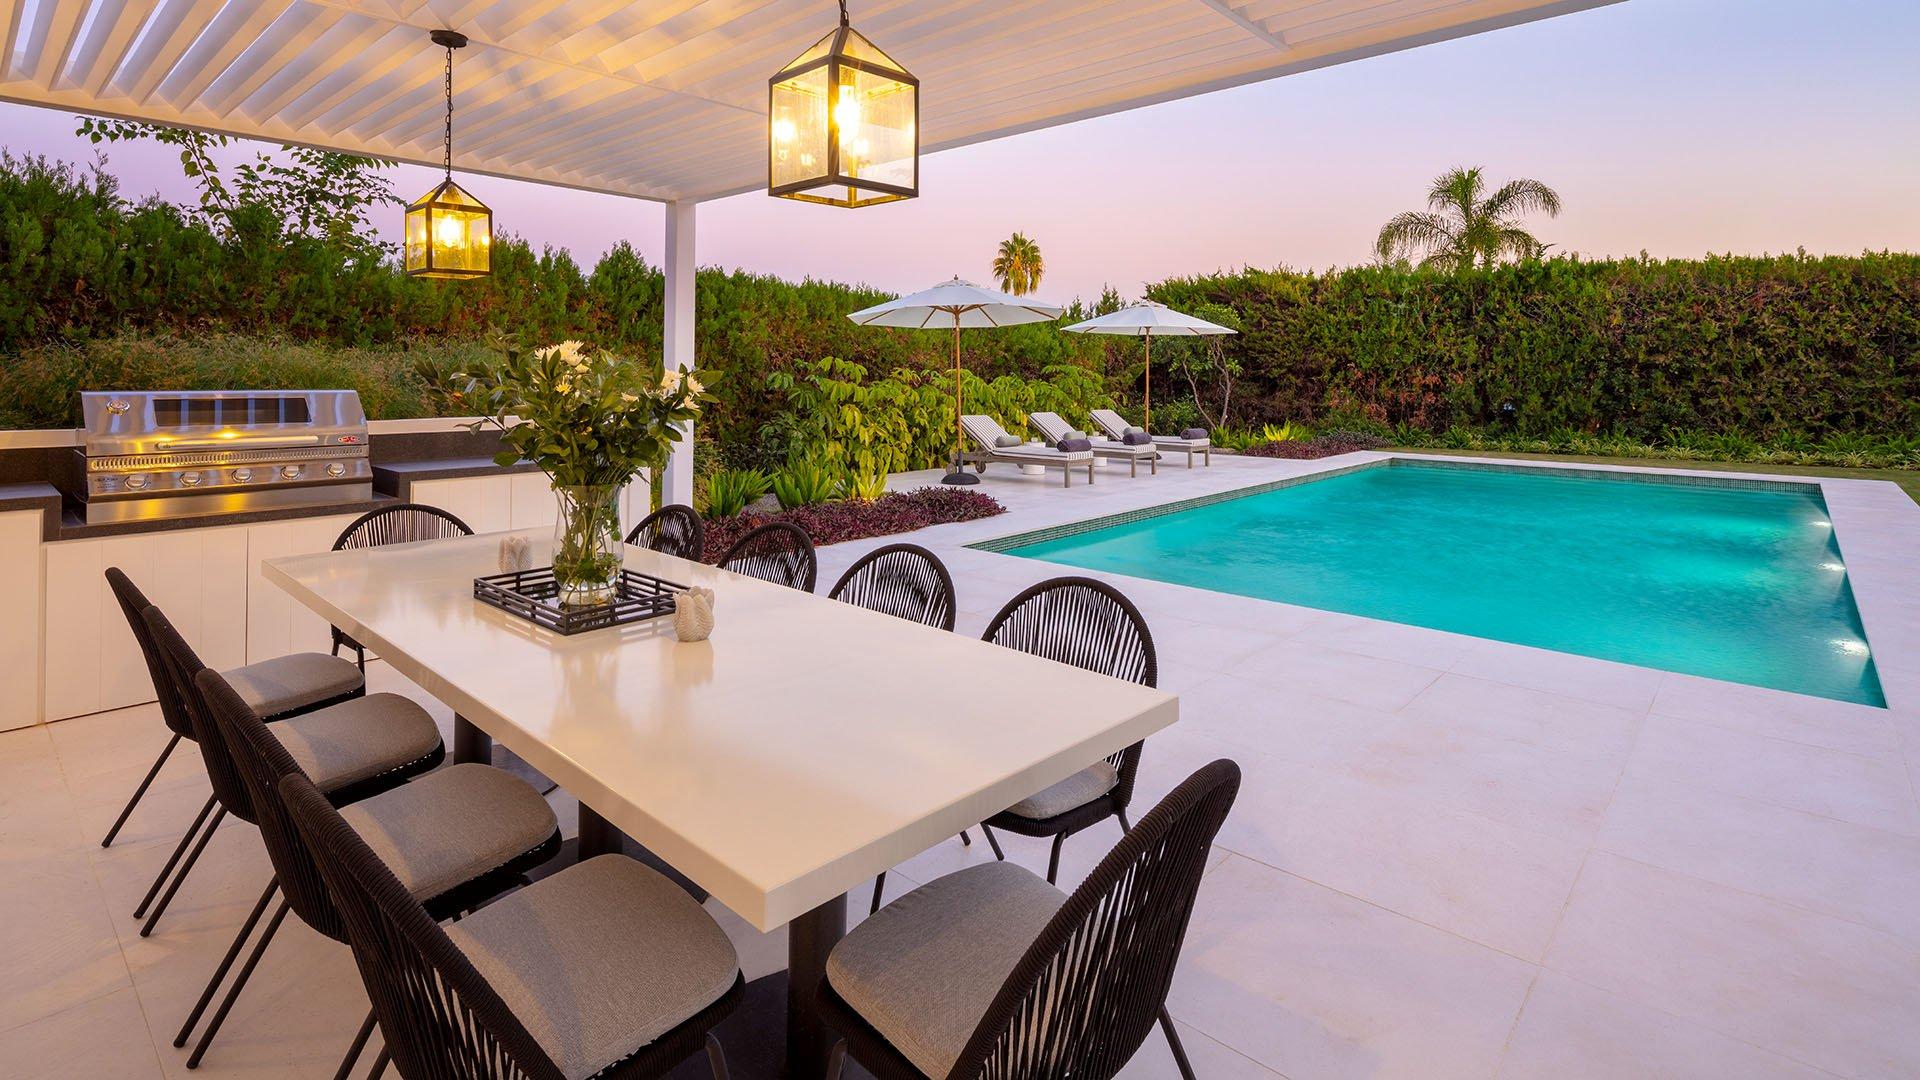 Aloha 144: Schitterende gerenoveerde villa omringt door golf